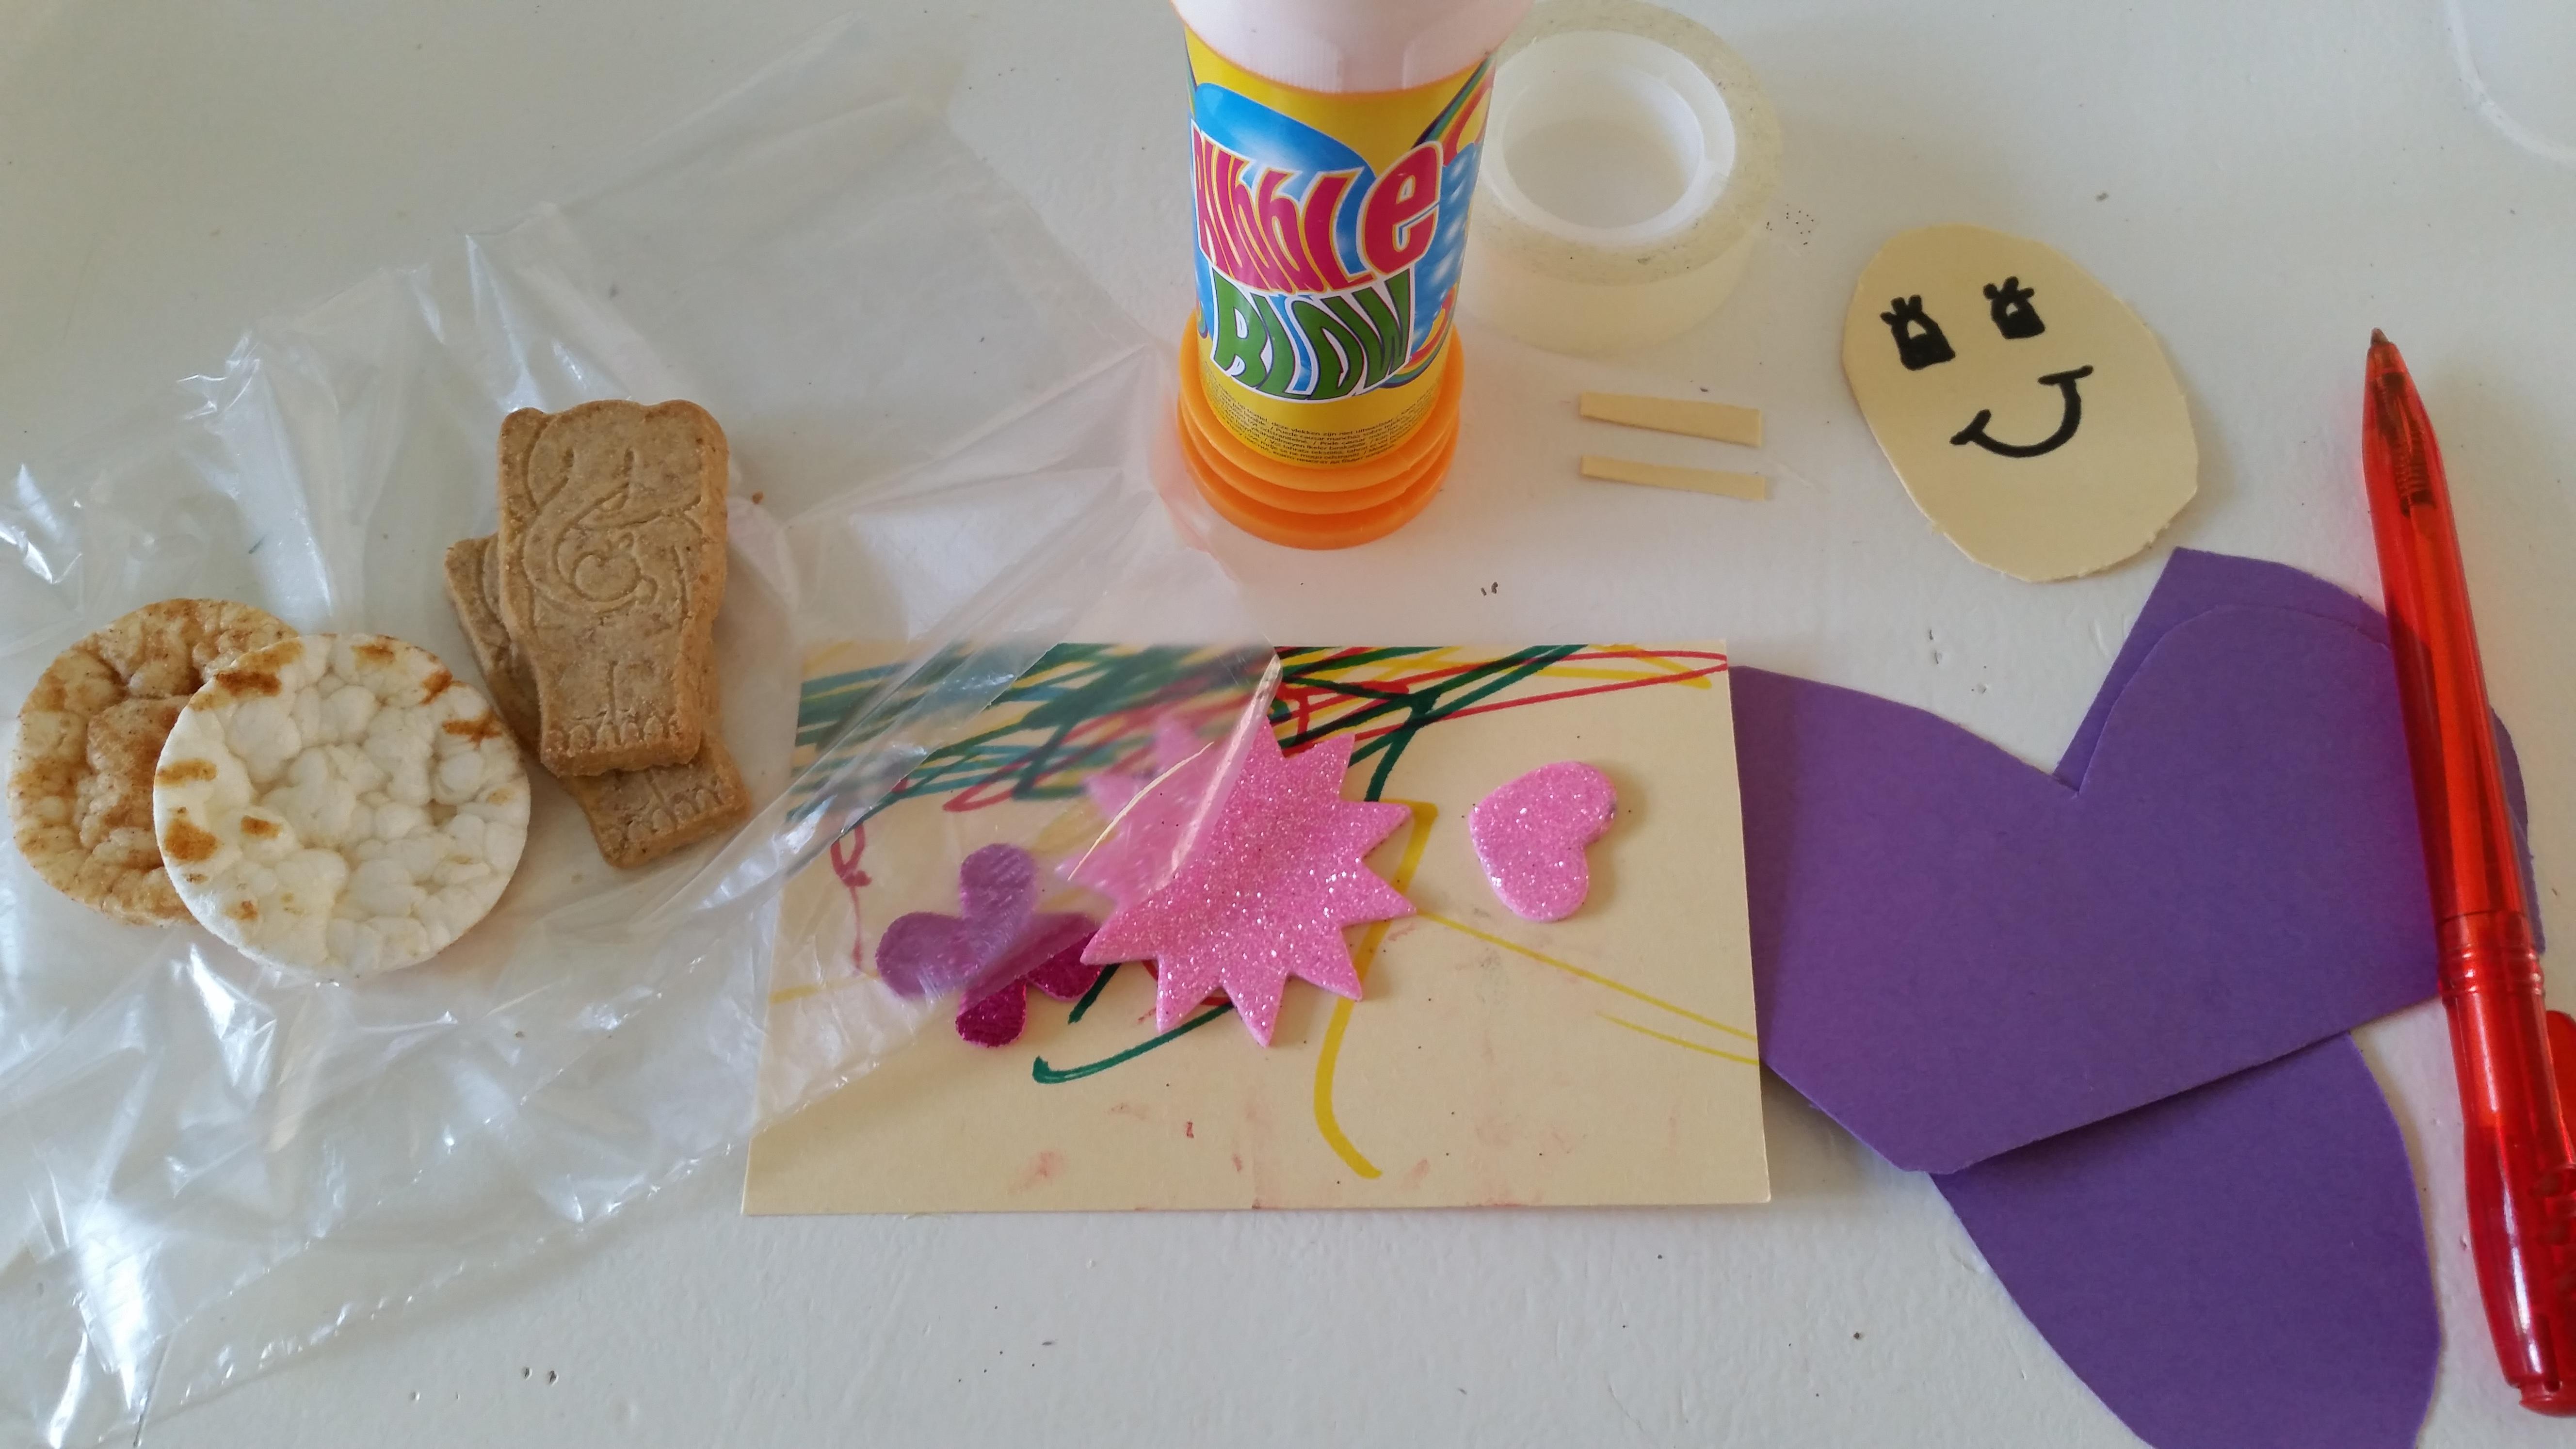 4-16-bellenblaas-traktatie-trakteren-creatief-vlinder-samen-dreumes-zelf-tekenen-kleuren-stiften-nijntje-stickers-hema-action-stickeren-Nola-mooi-kinderdagverblijf-creche-verhuizen-afscheid--3